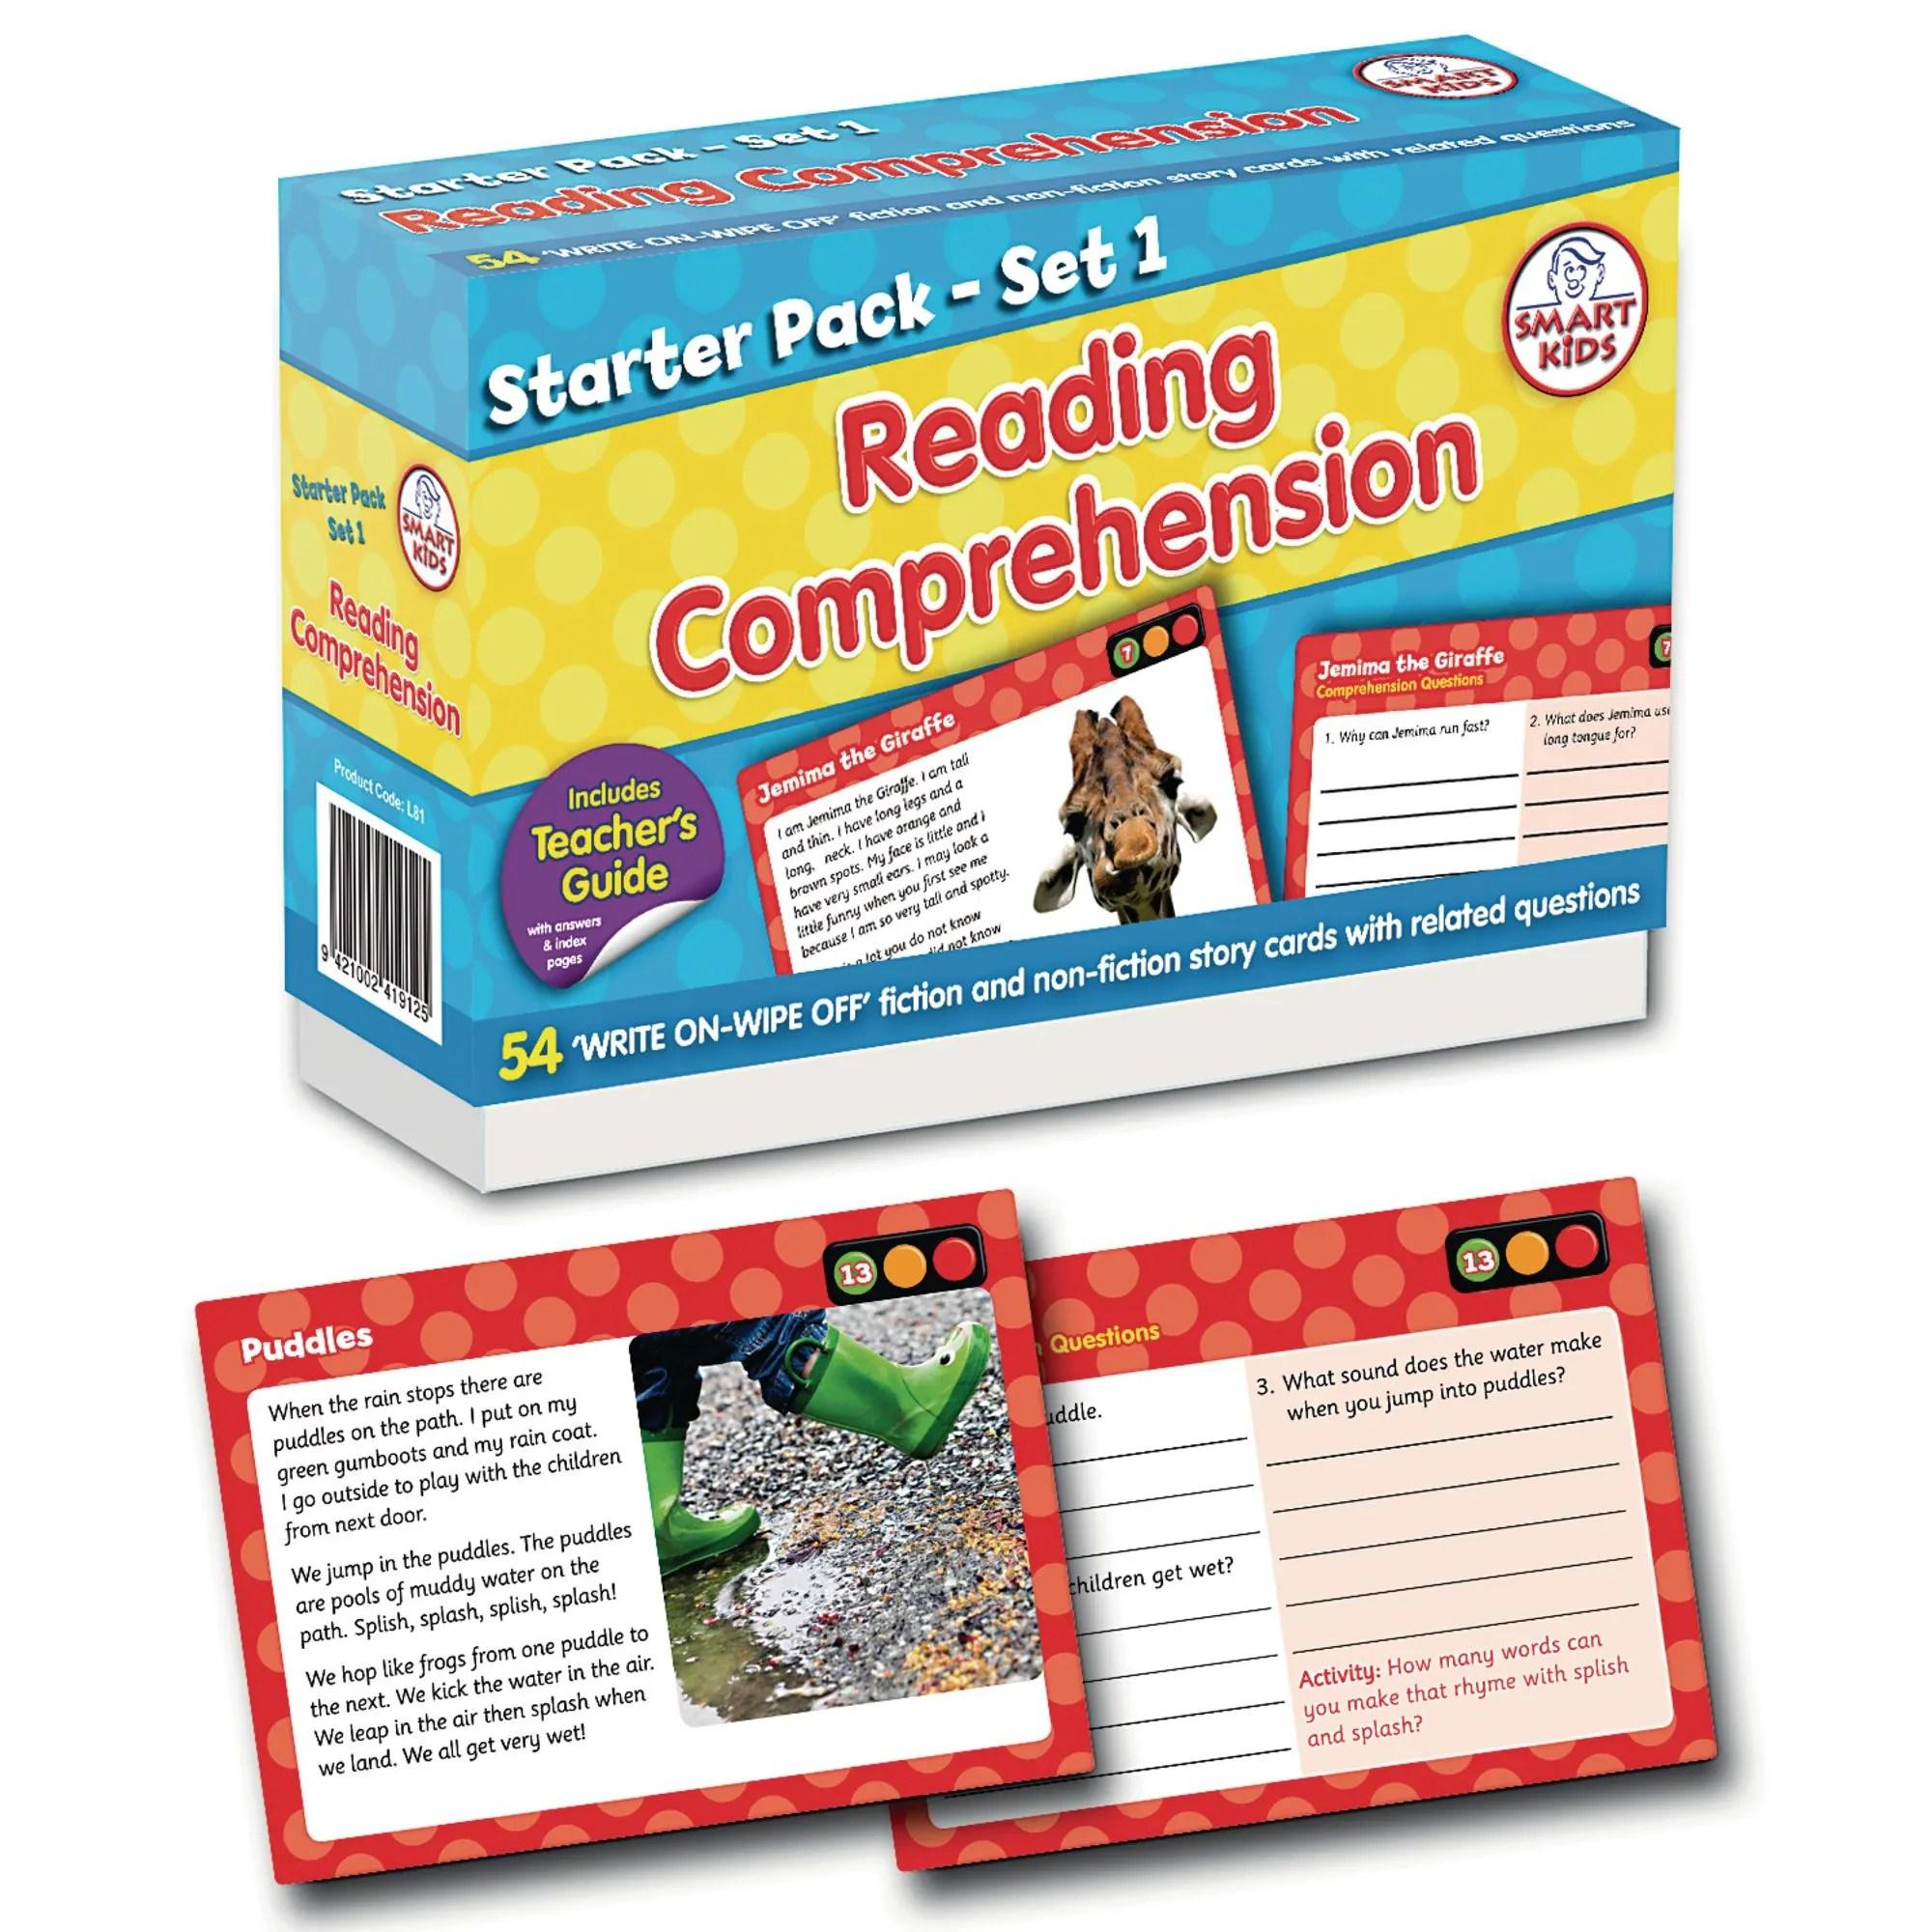 Reading Comprehension Starter Pack Set 1